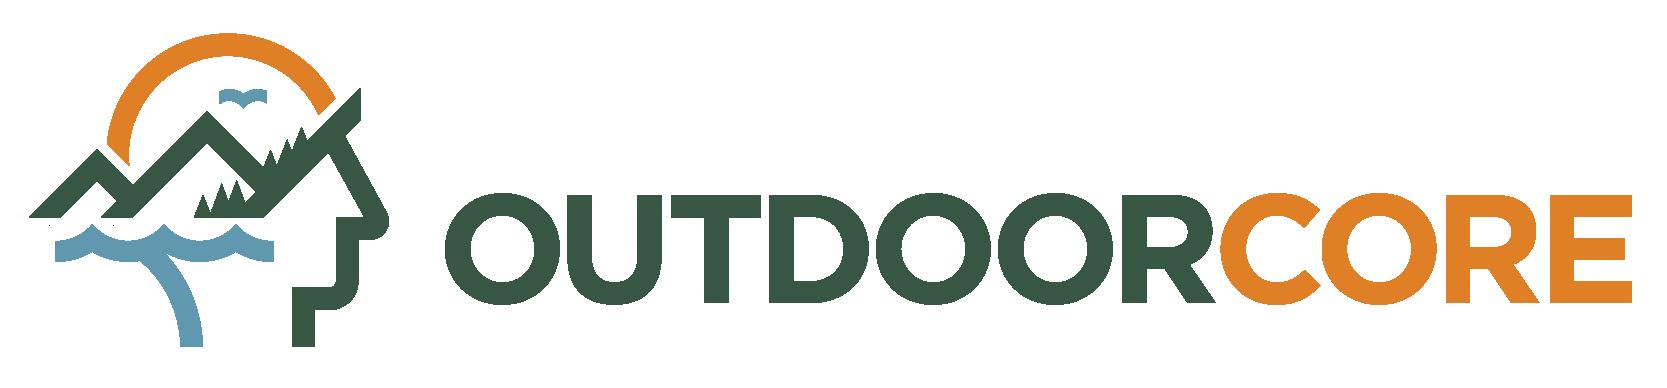 OUTDOORCORE.COM